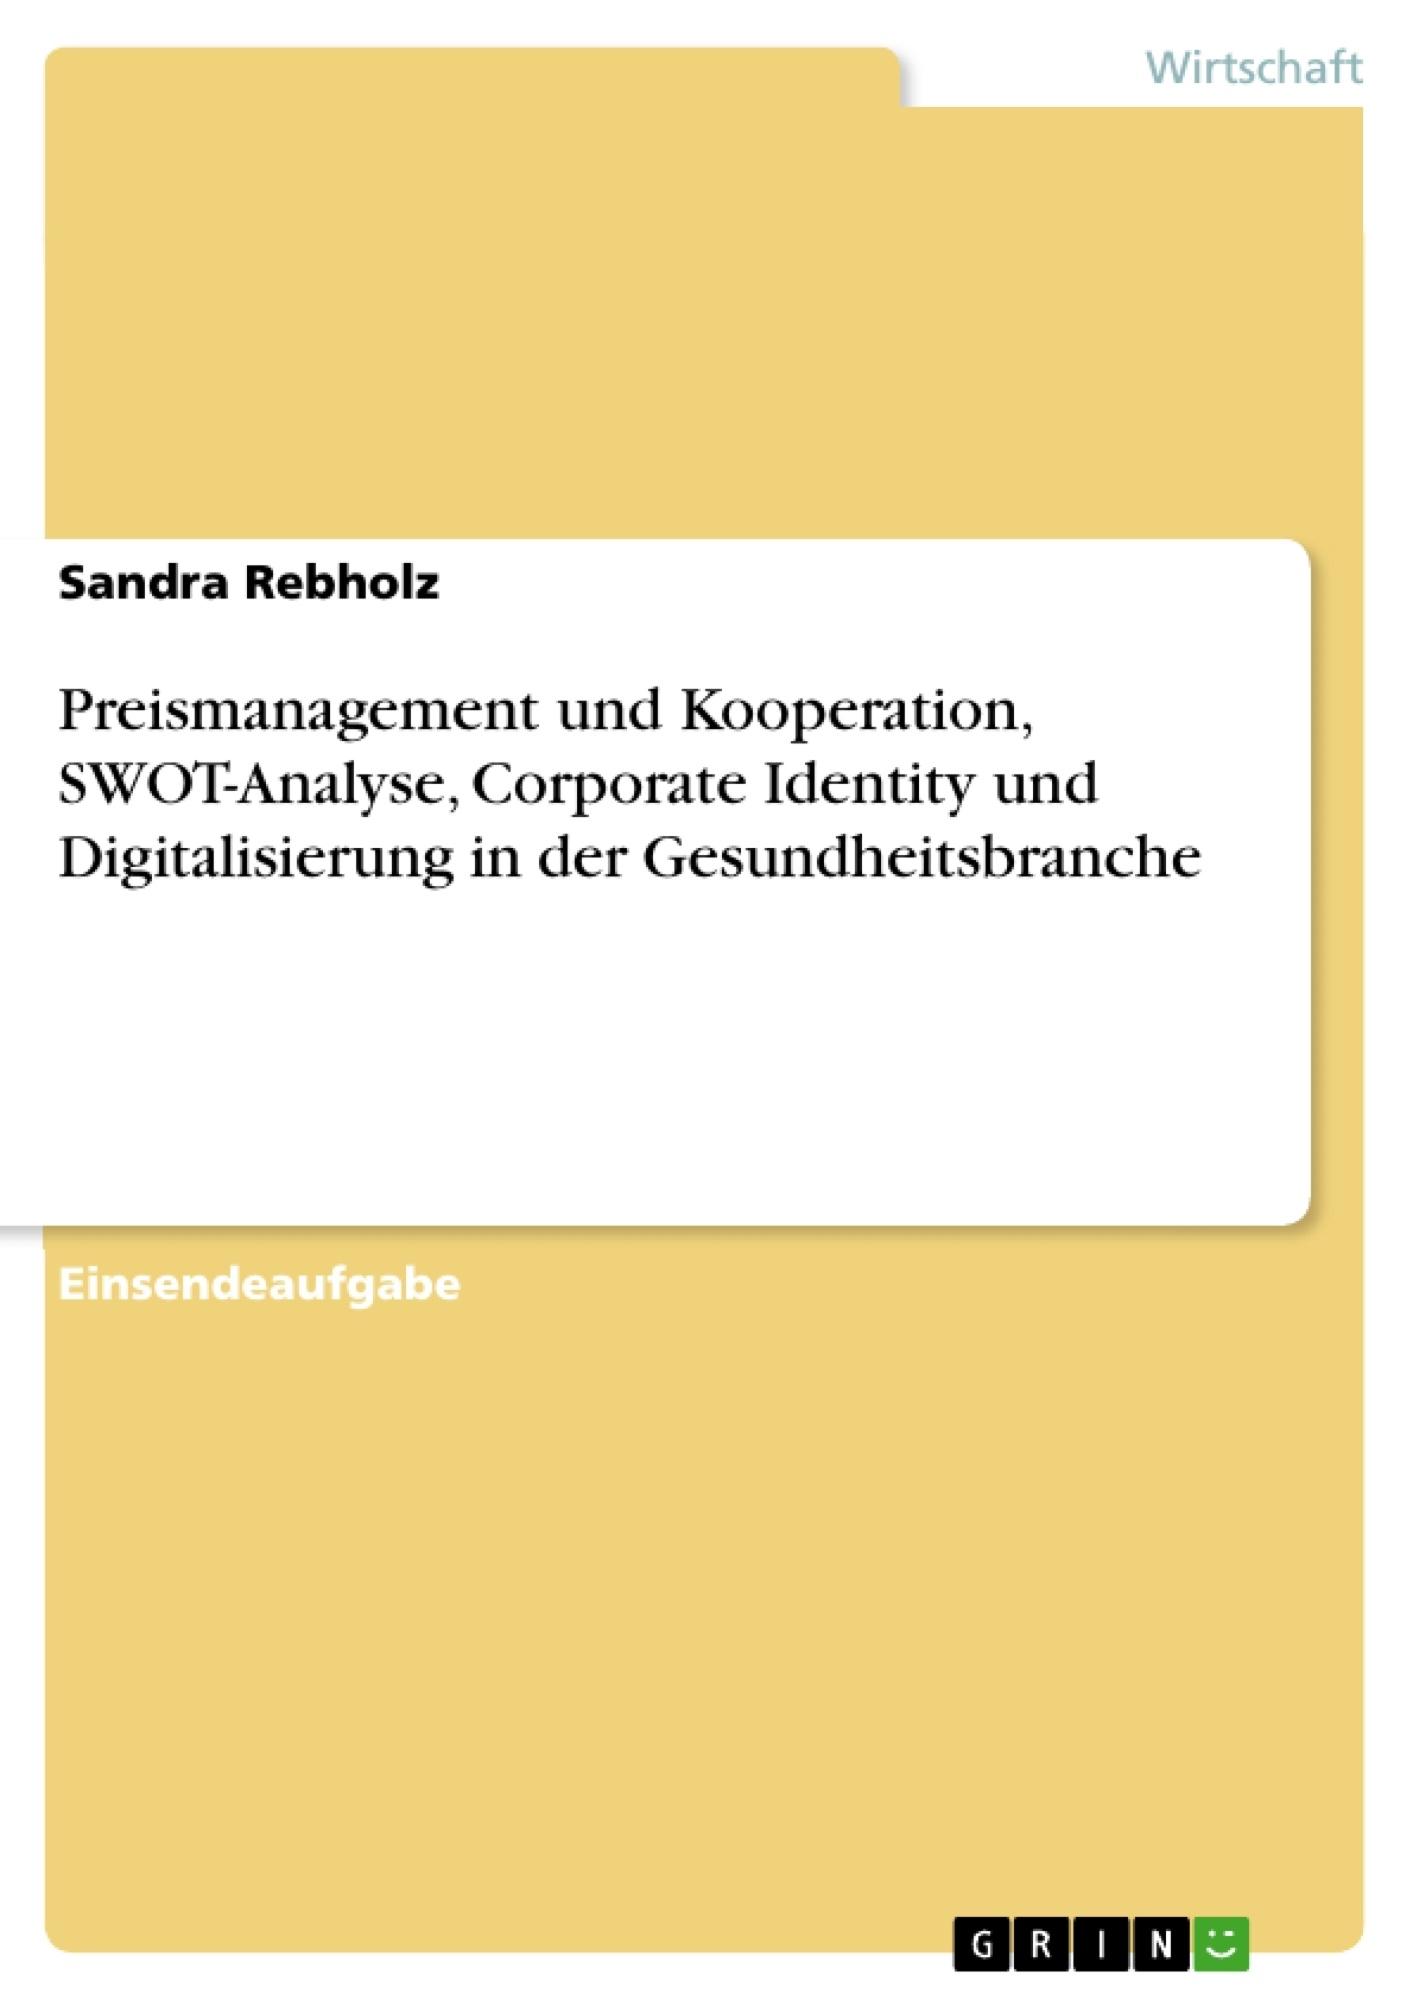 Titel: Preismanagement und Kooperation, SWOT-Analyse, Corporate Identity und Digitalisierung in der Gesundheitsbranche